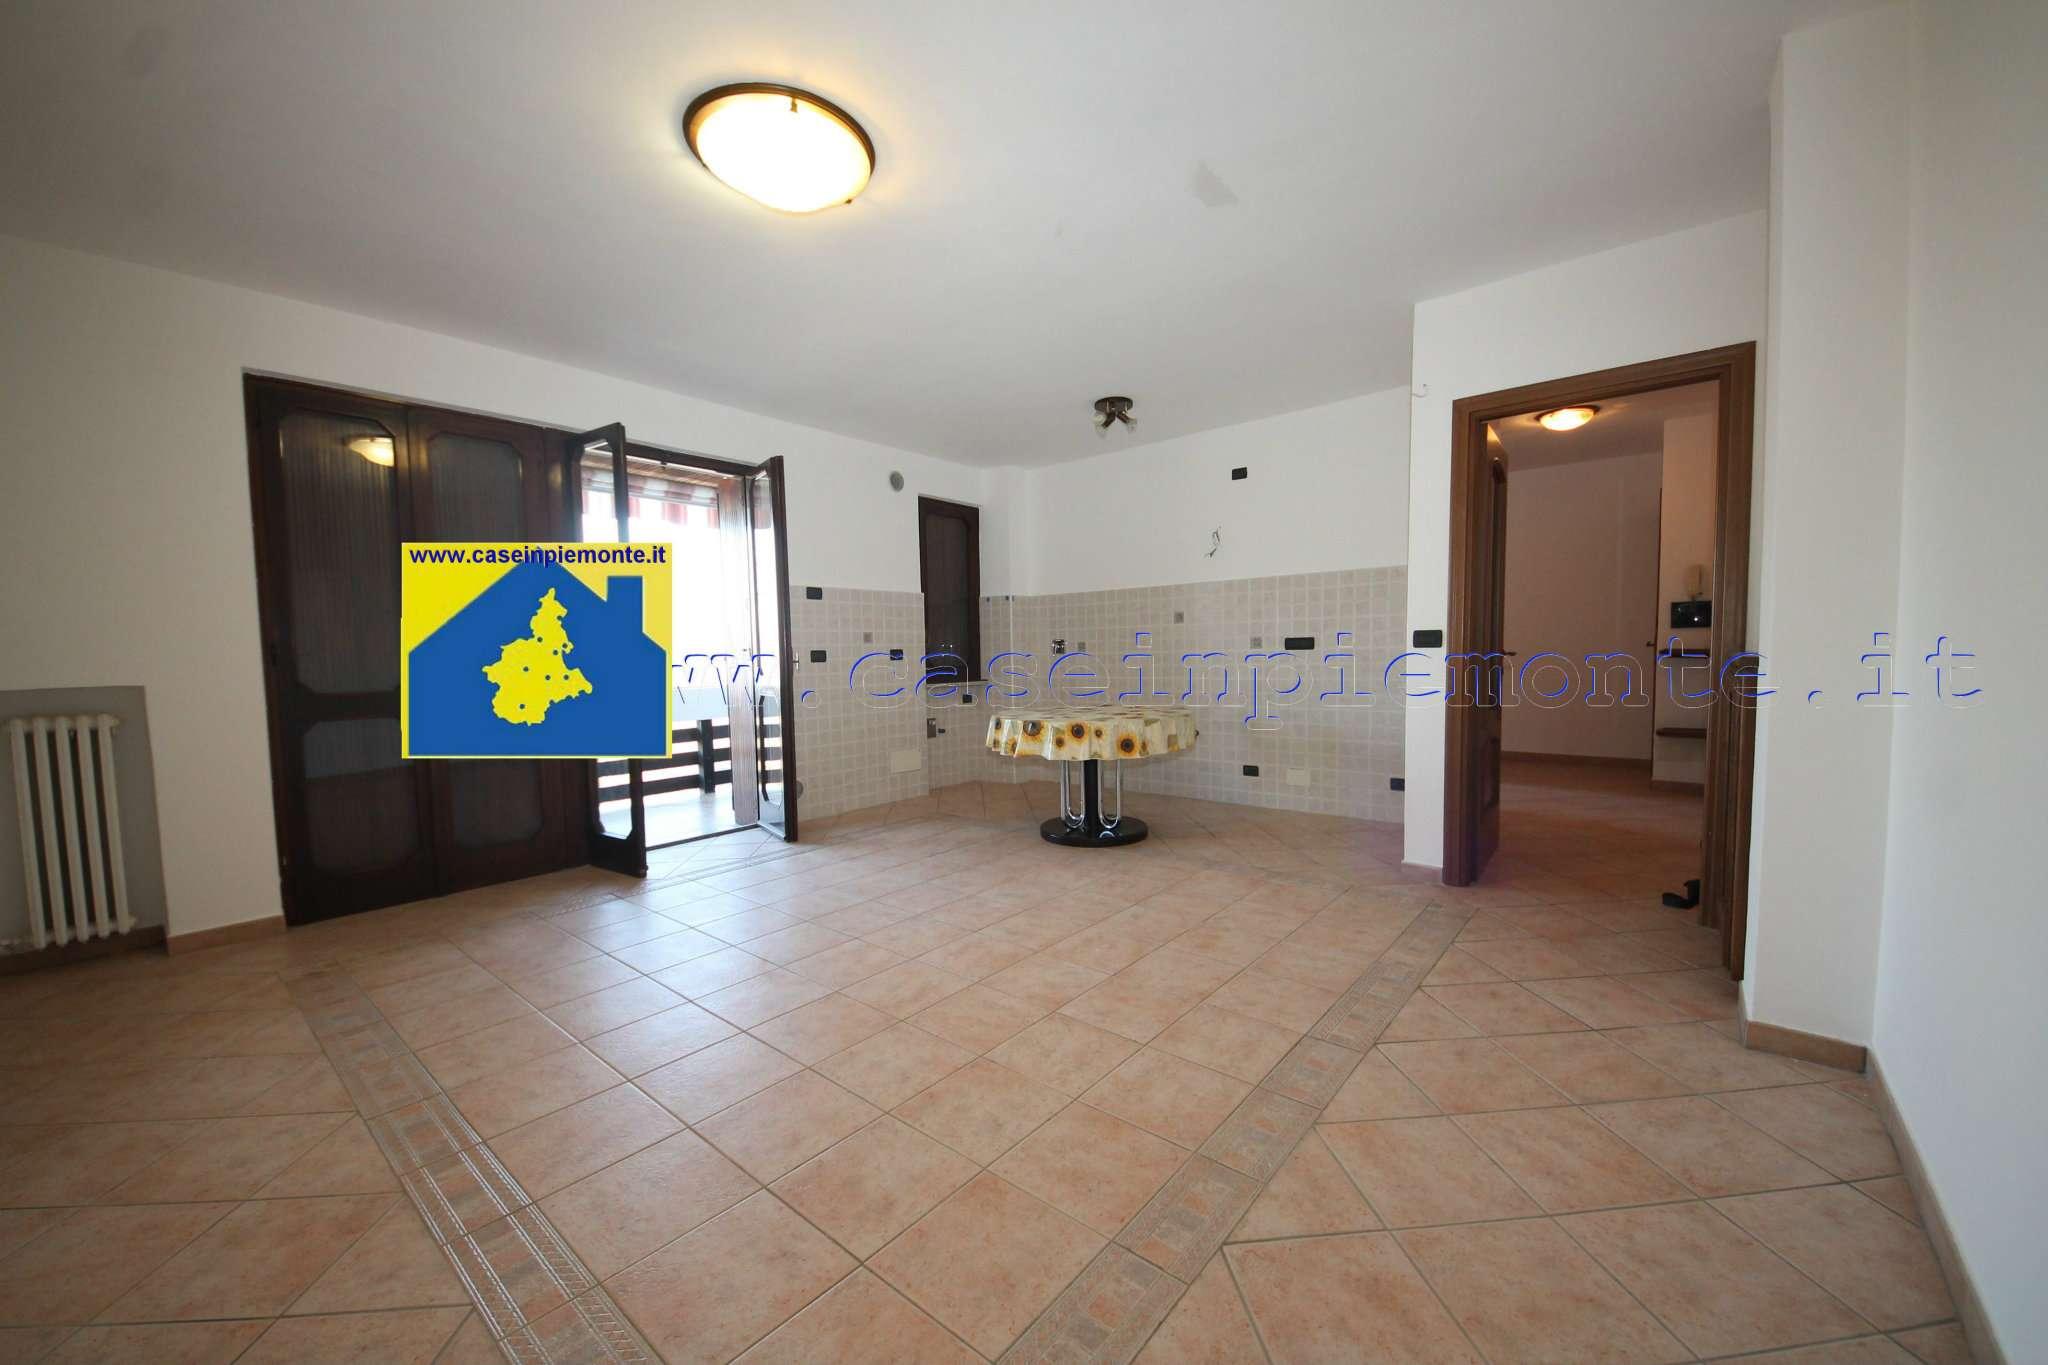 Foto 1 di Quadrilocale via La Cassa 9, frazione Rivasacco, Givoletto